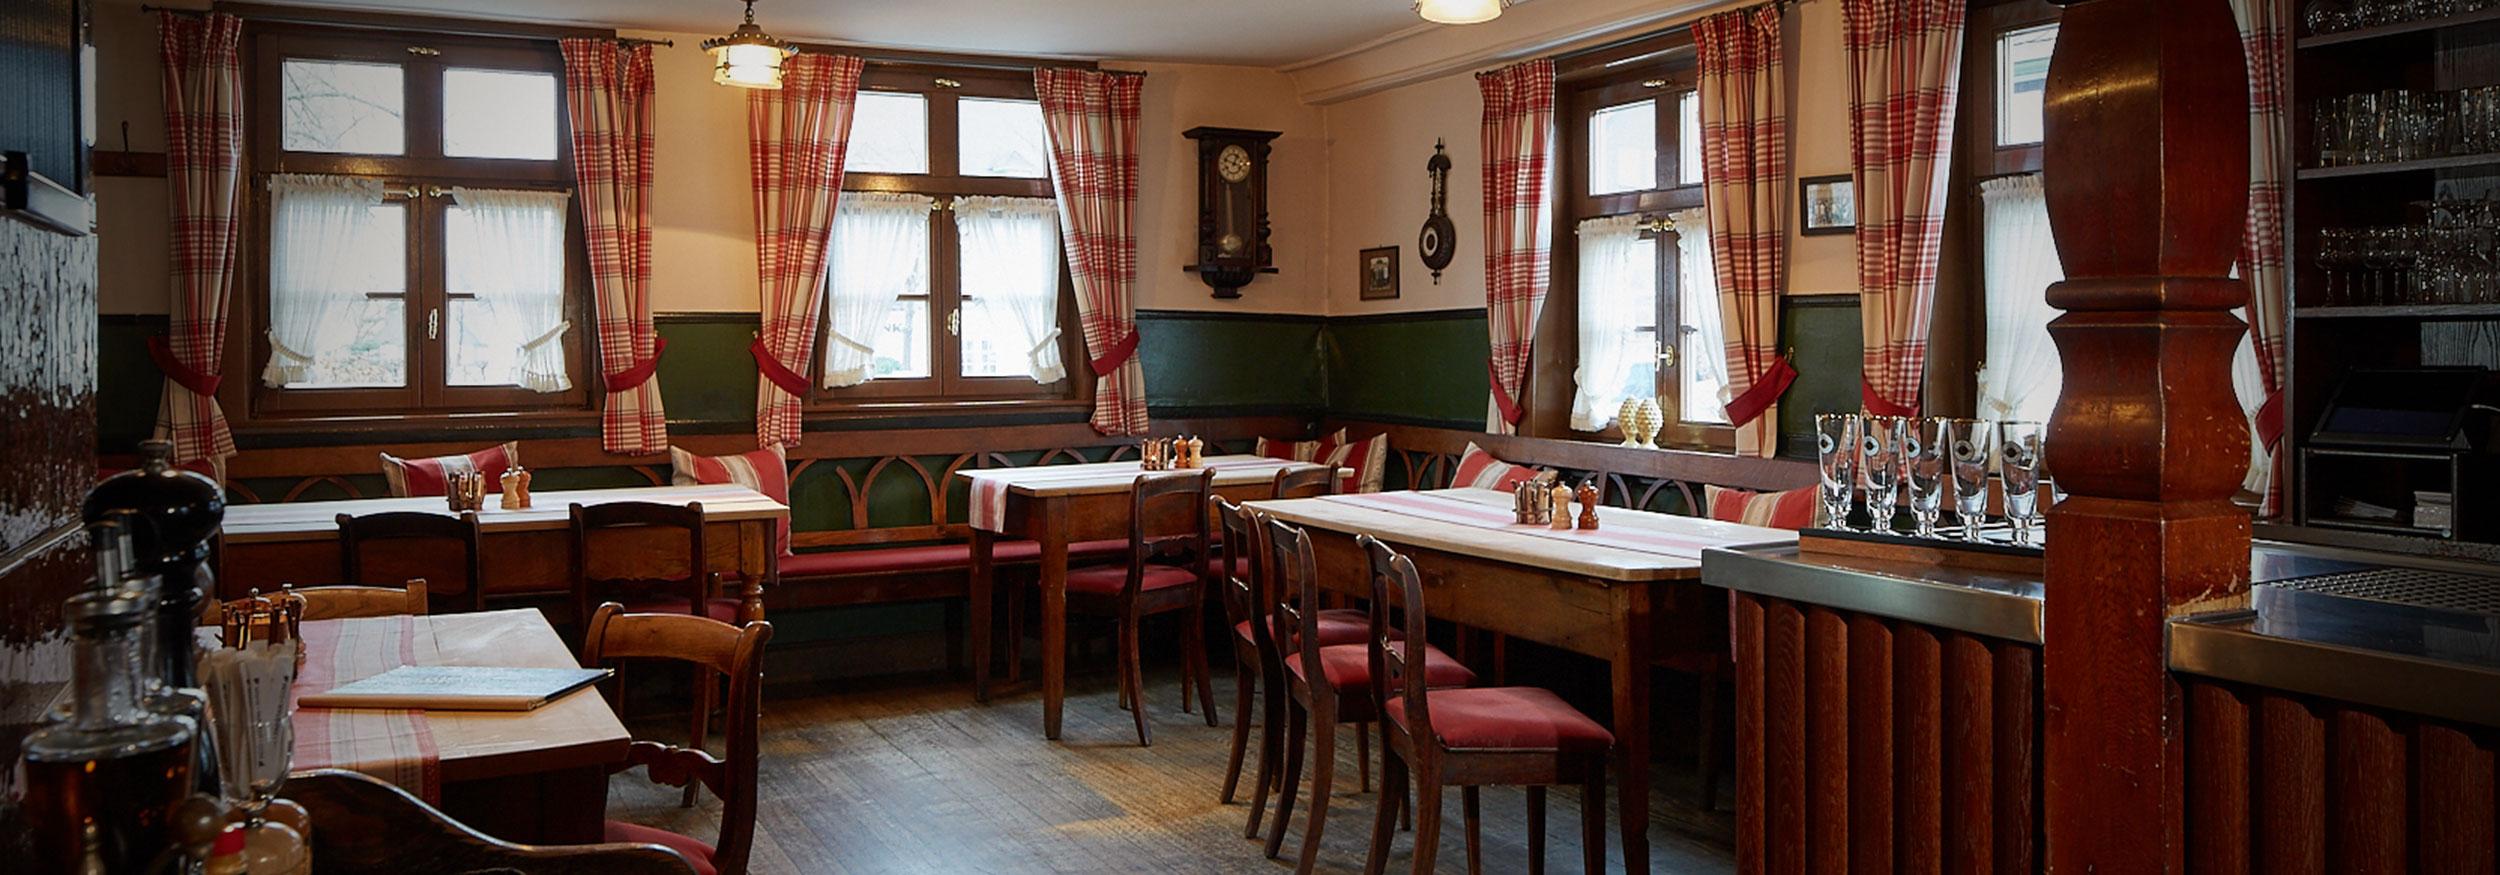 Landhotel und Gasthof Cramer Räumlichkeiten Bierstube Ansicht 4